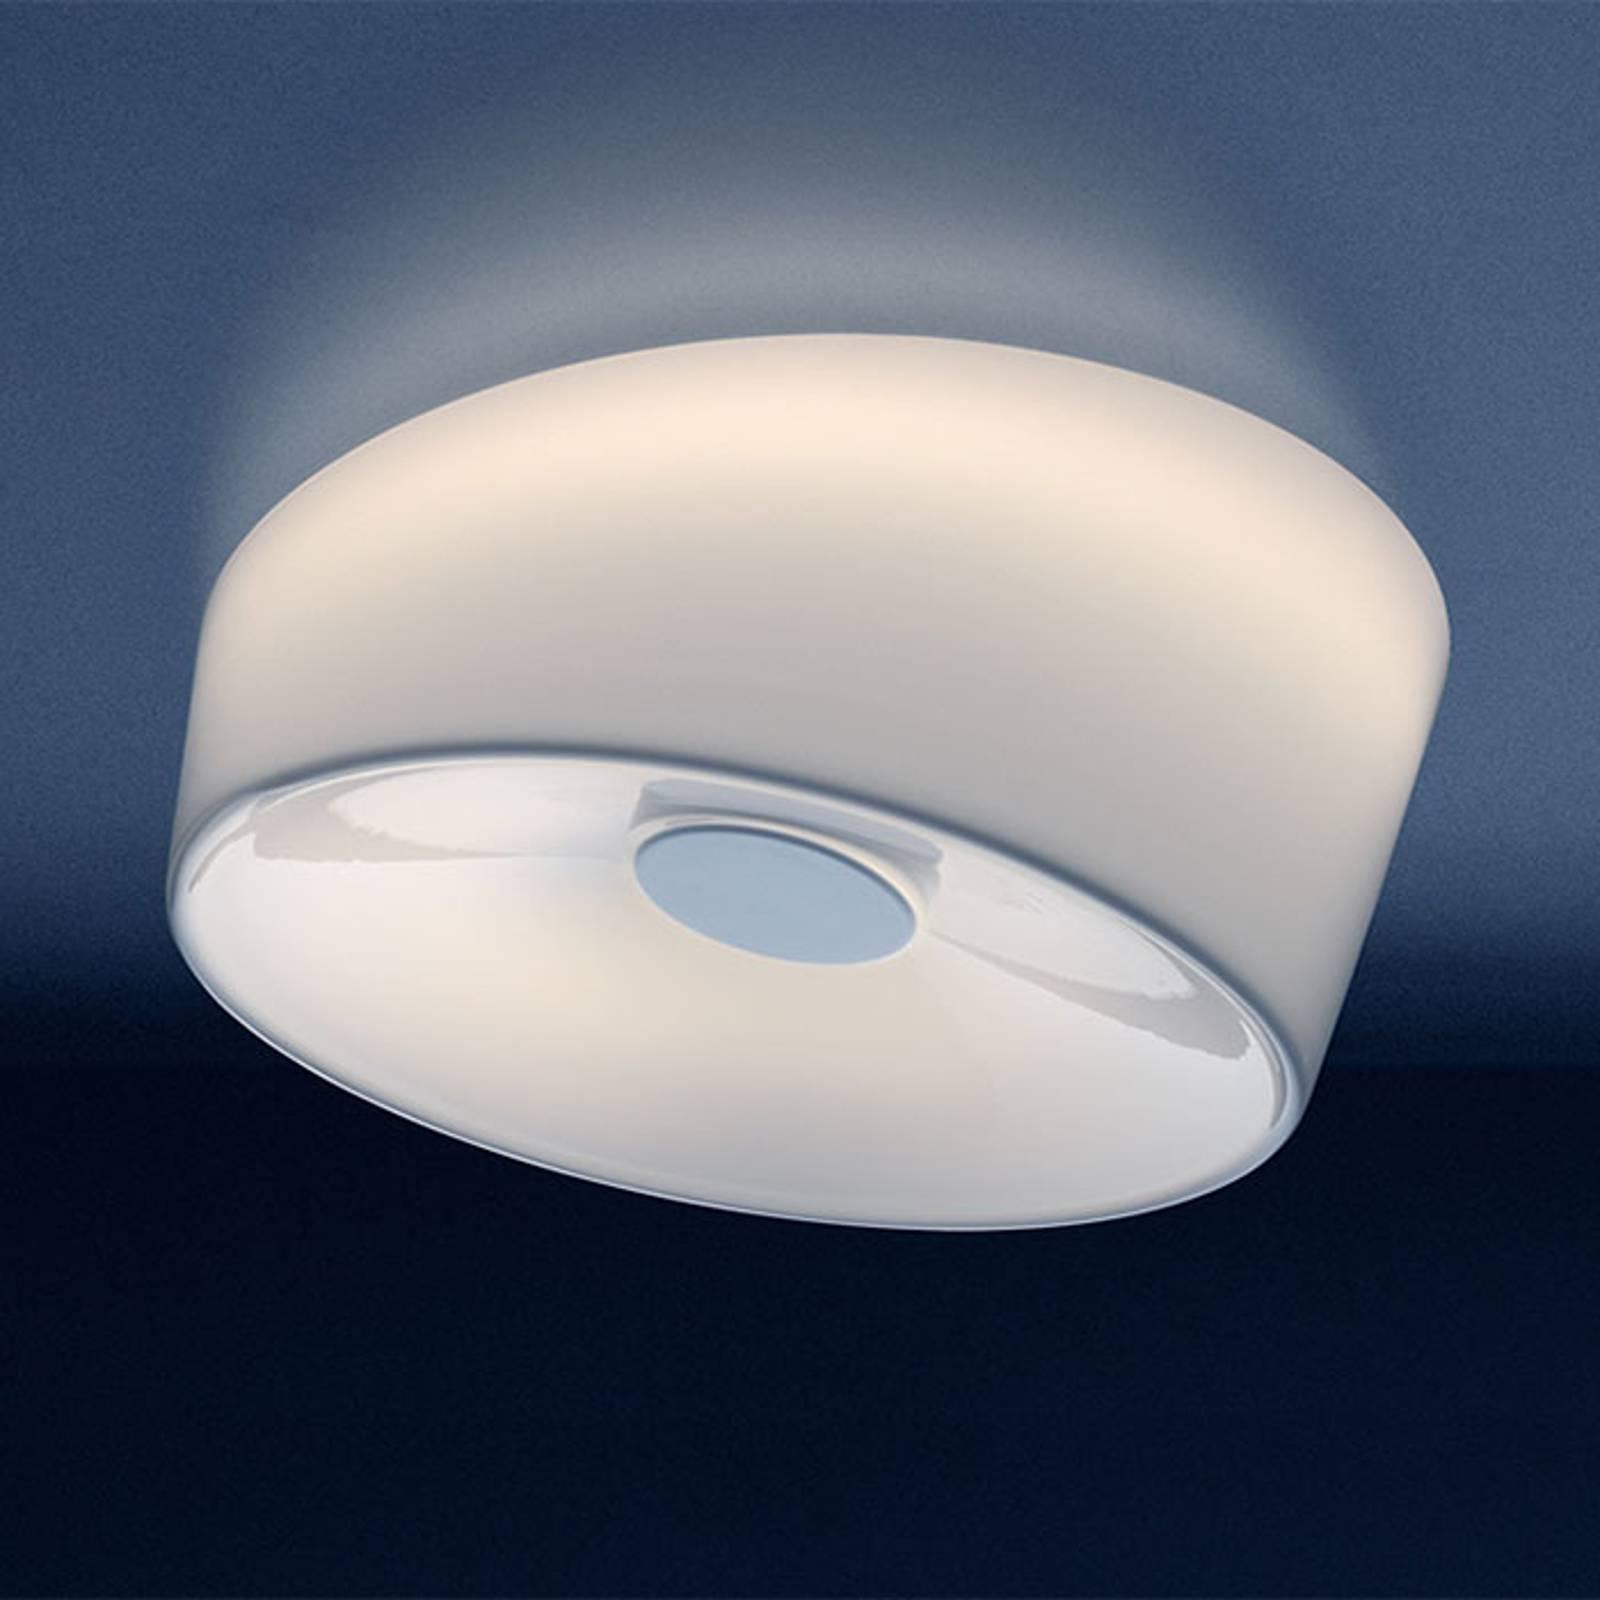 Foscarini Lumiere XXS LED-Deckenleuchte, weiß